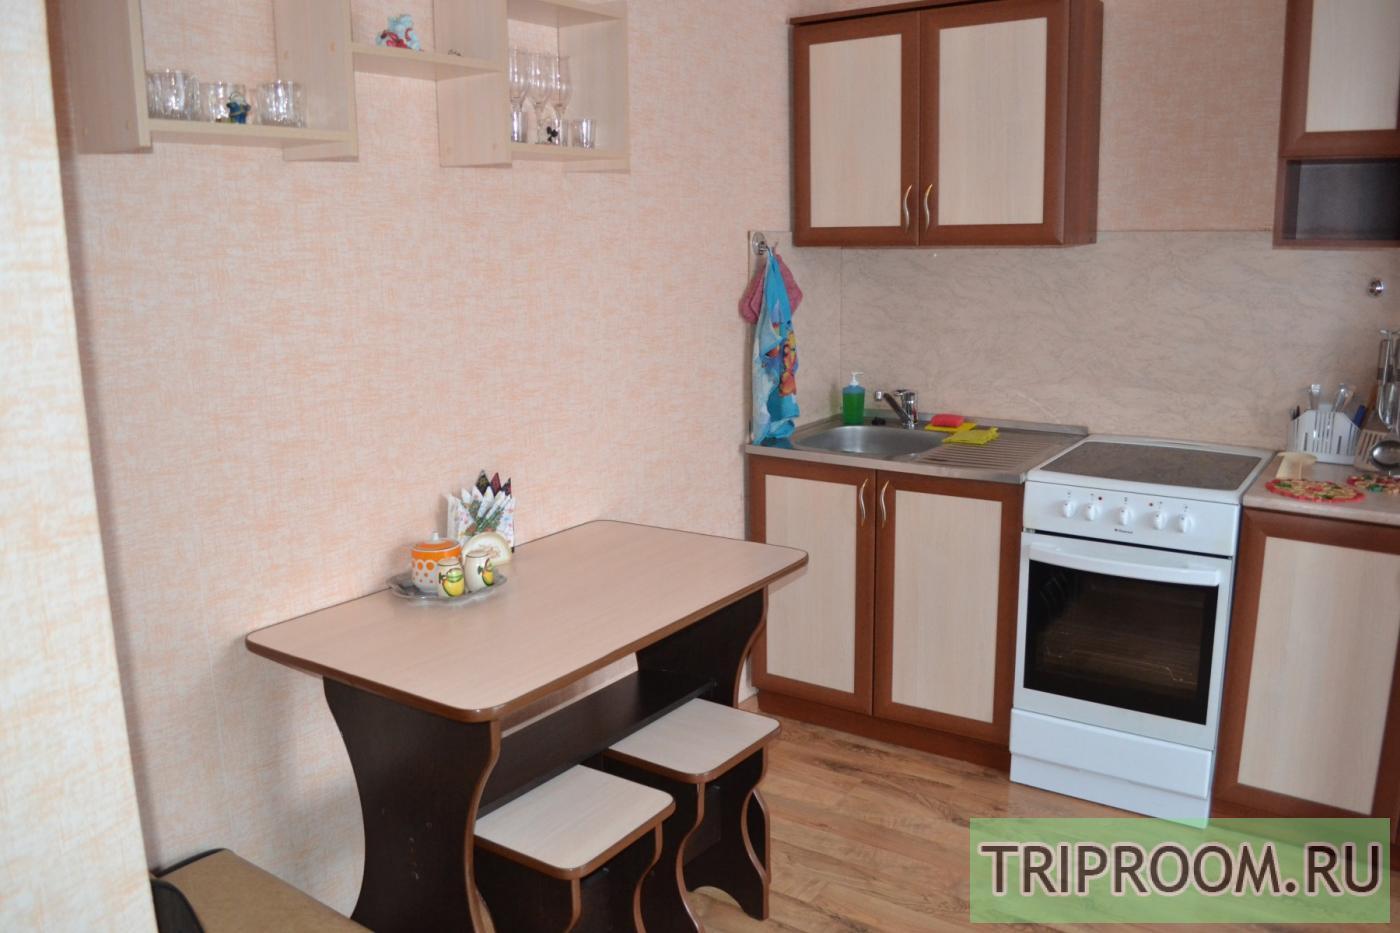 1-комнатная квартира посуточно (вариант № 10439), ул. Александра Шмакова улица, фото № 5